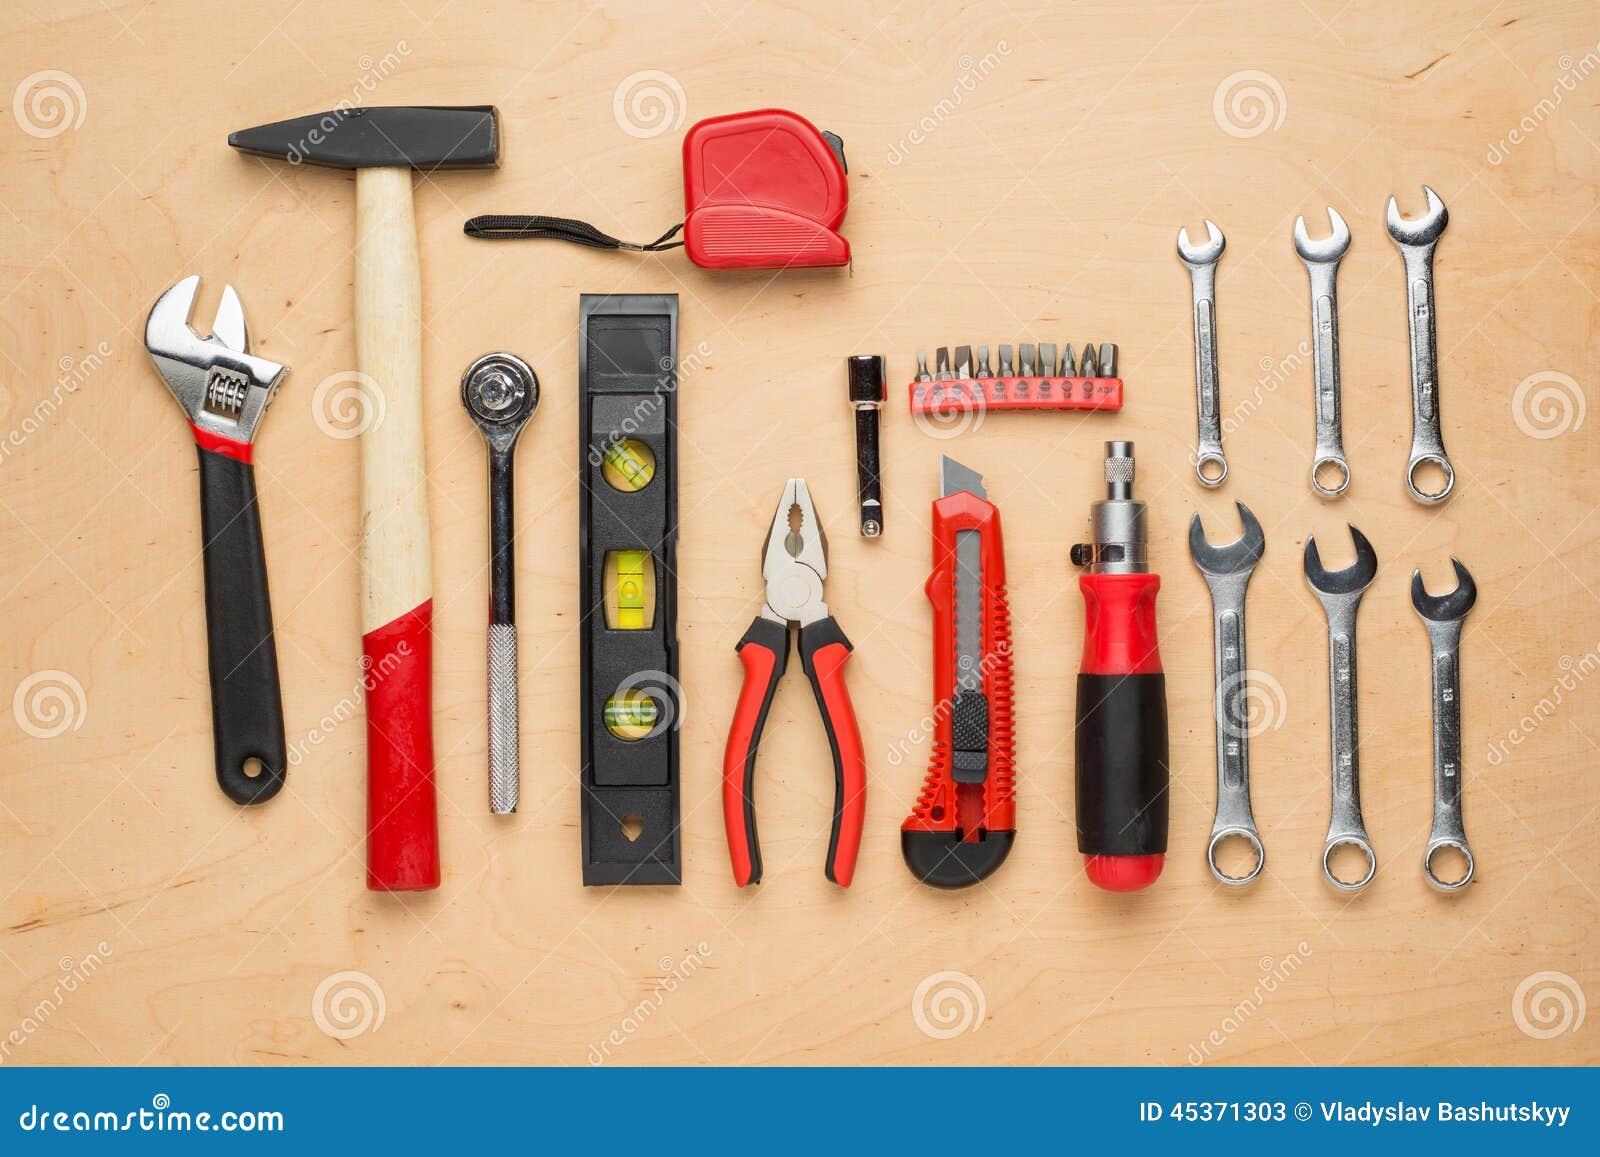 ensemble d 39 outils de bricolage sur un panneau en bois image stock image 45371303. Black Bedroom Furniture Sets. Home Design Ideas